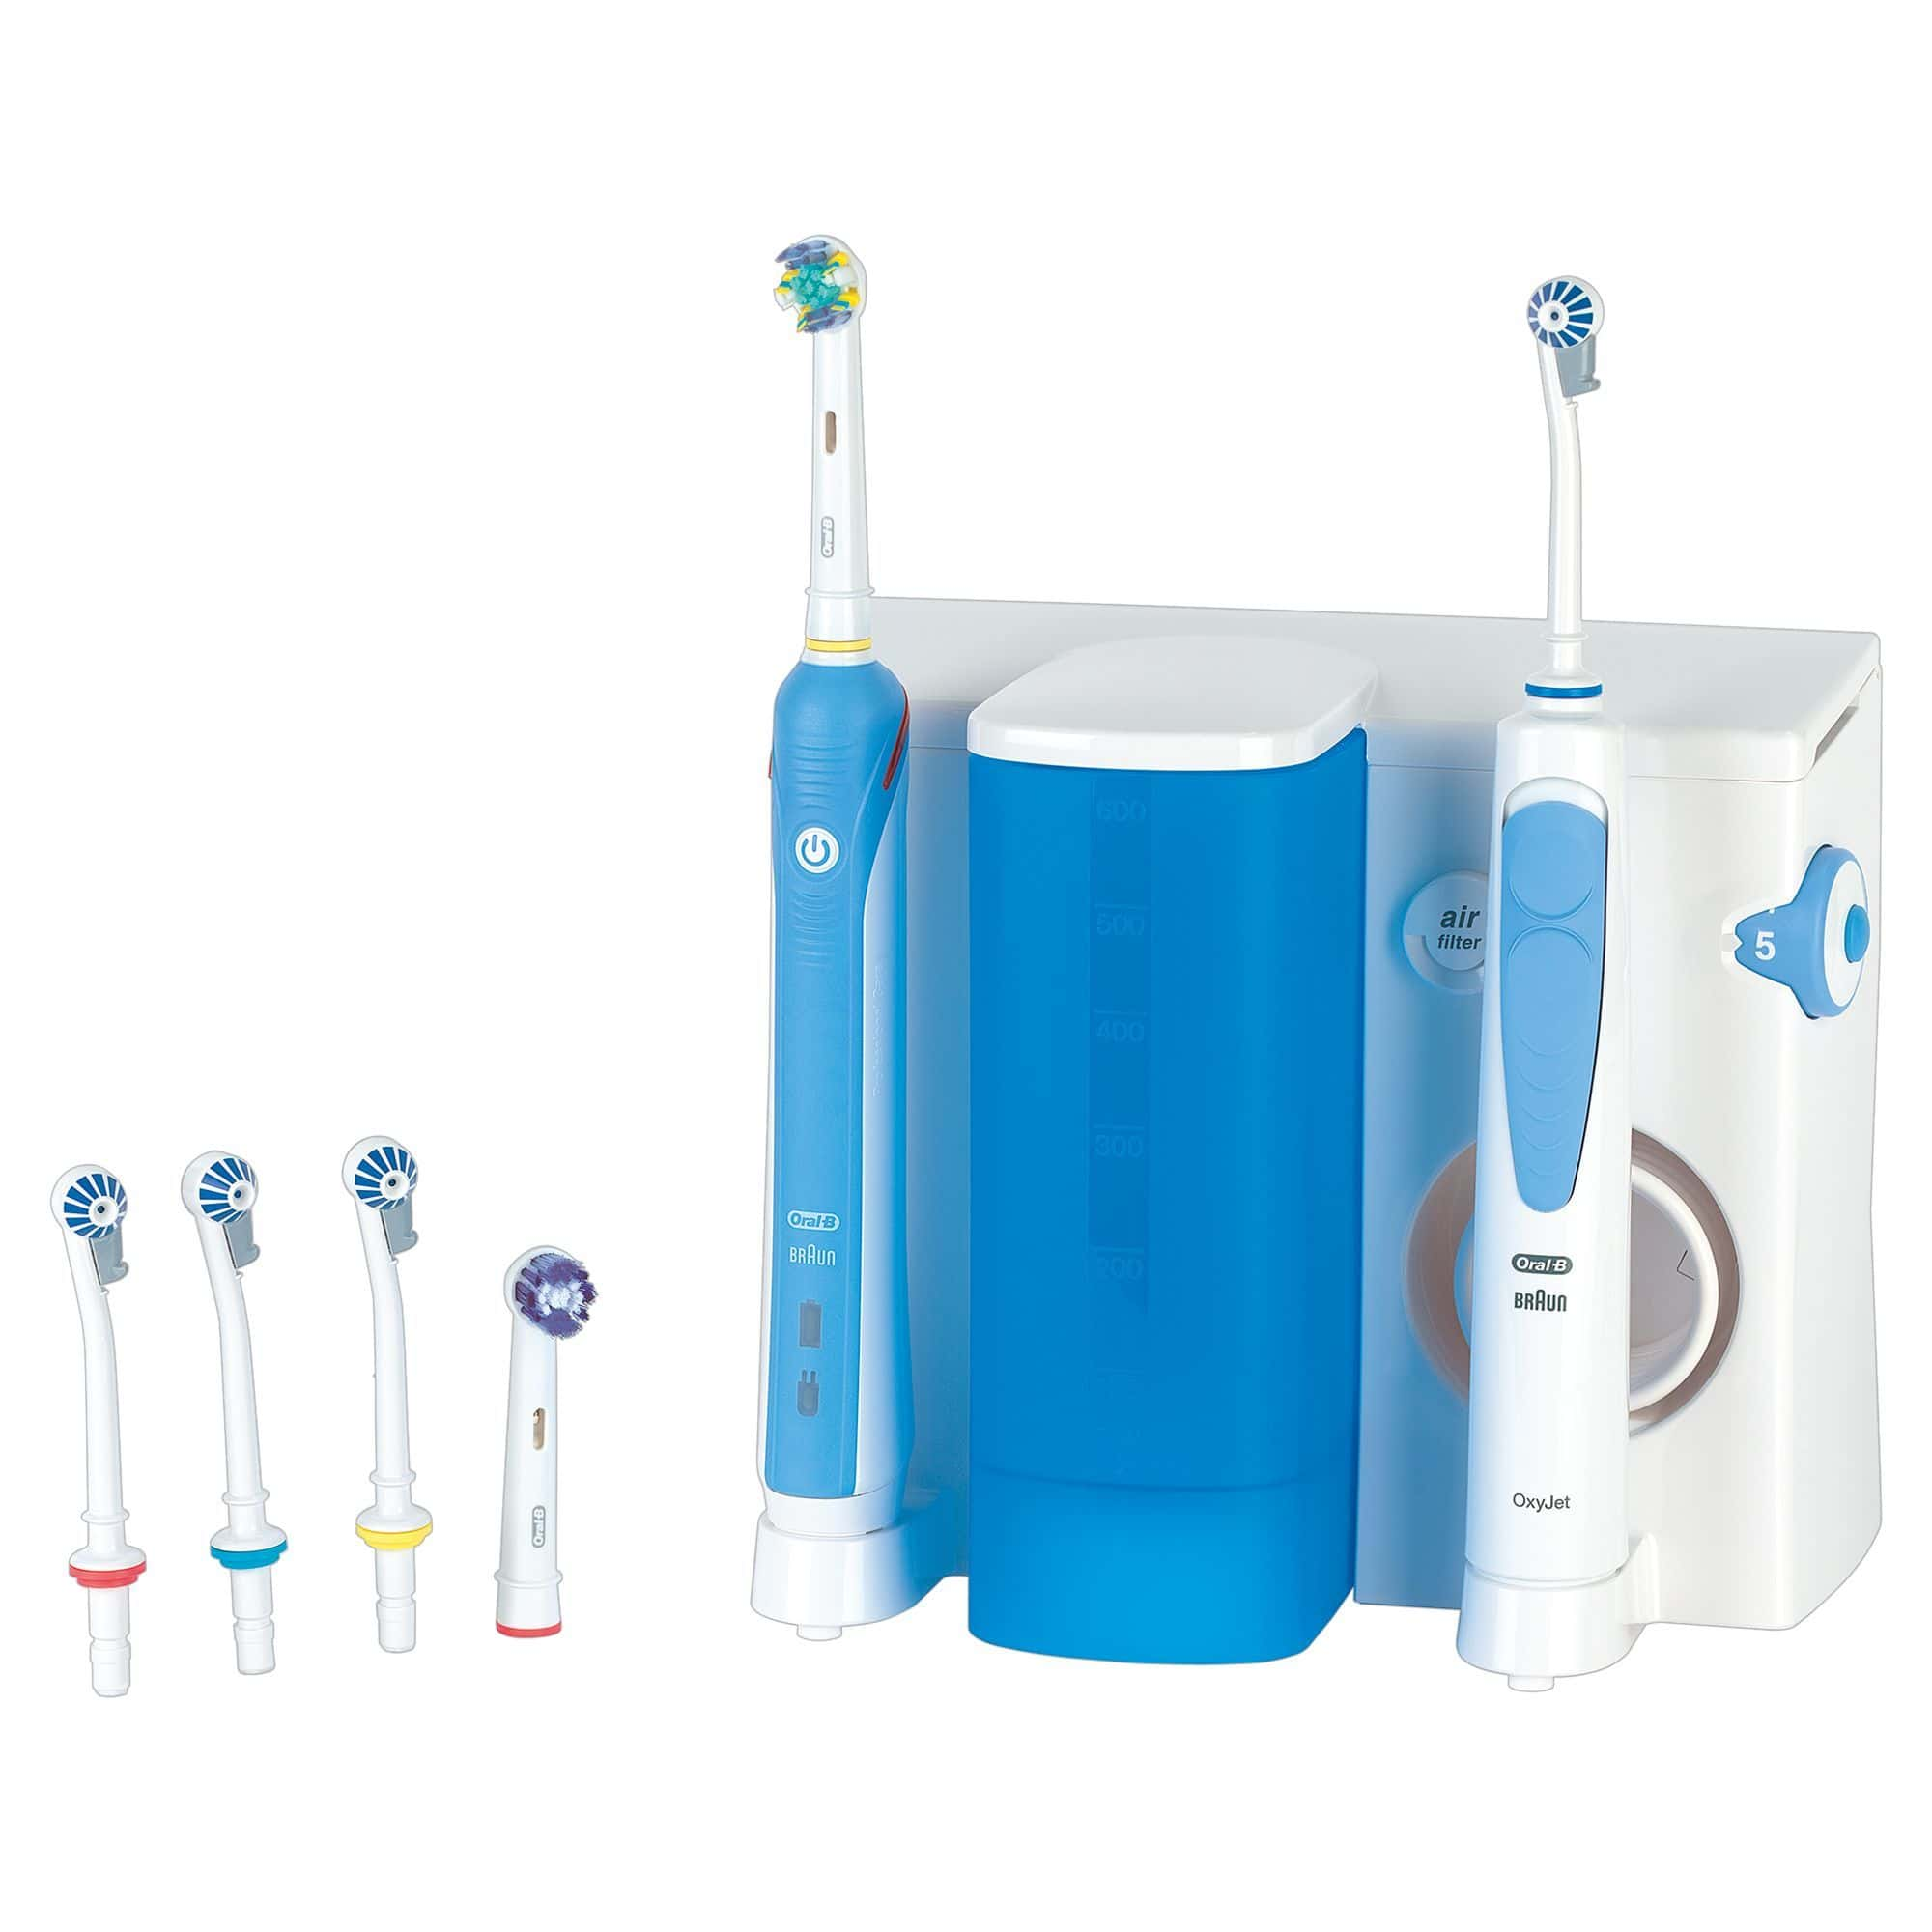 Oral-B Oxygen +1000 Center für 139,00 Euro